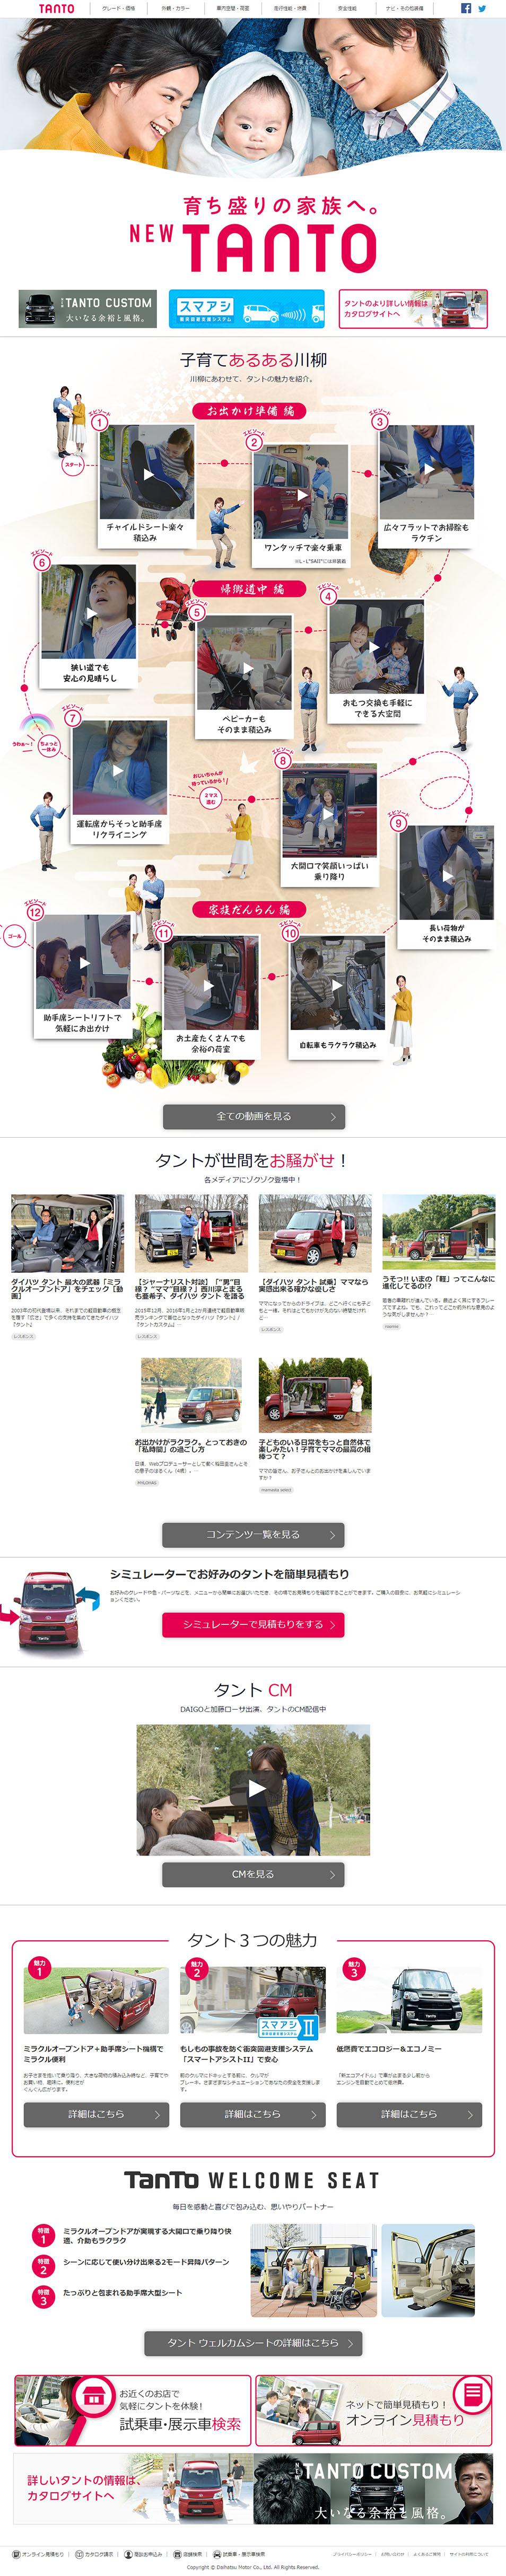 育ちざかりの家族へ New Tanto 車 バイク関連 のlpデザイン Webデザイナーさん必見 ランディングページのデザイン参考に シンプル系 Lp デザイン ウェブデザイン ランディングページ